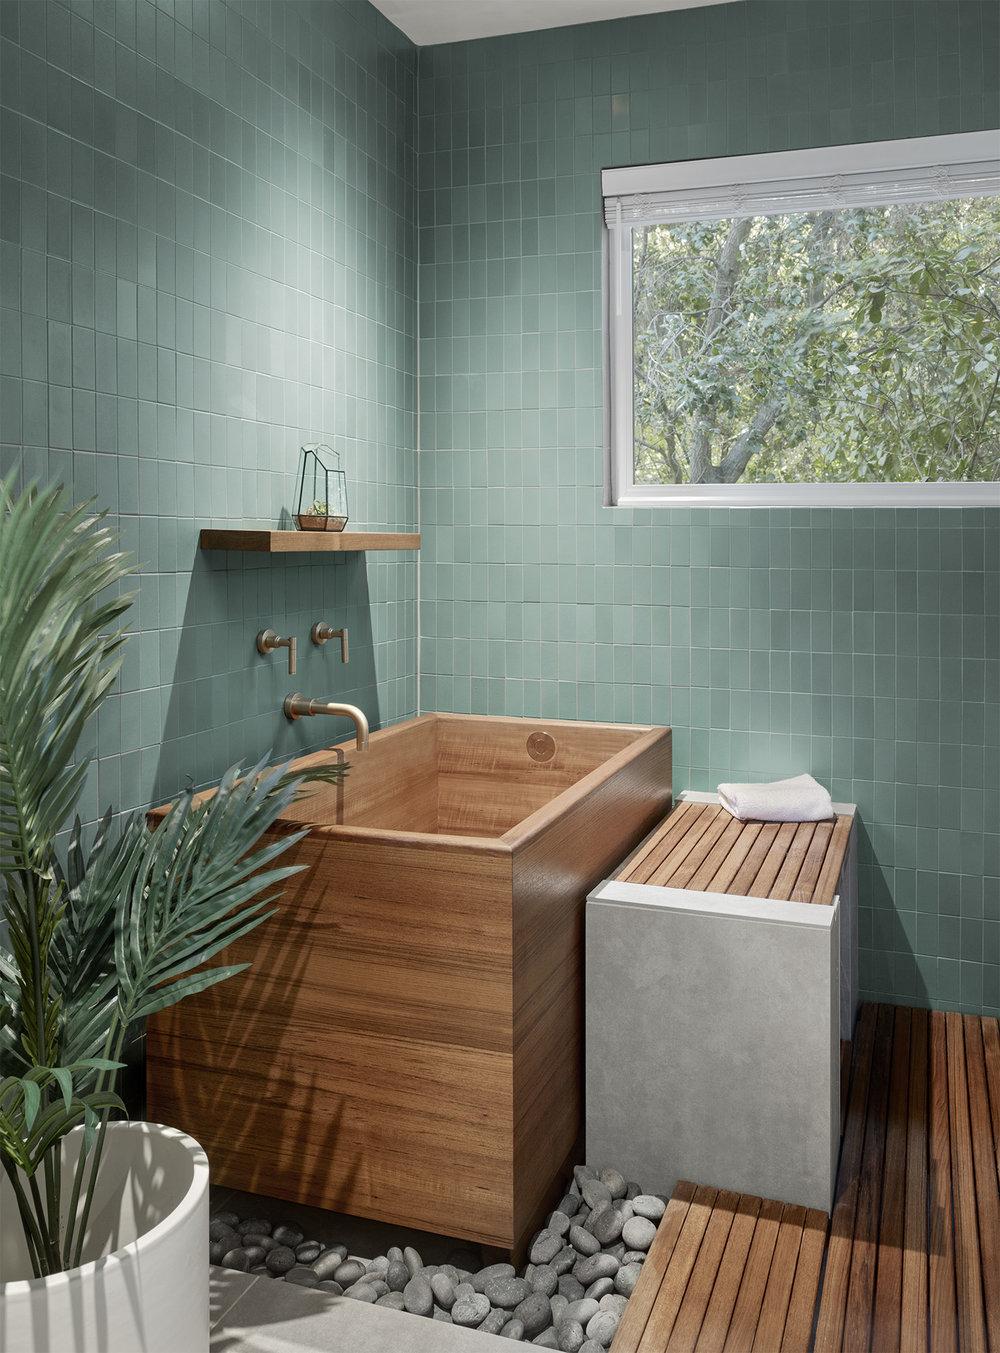 ACT_Rubio-Chai_Master Bath 1.jpg